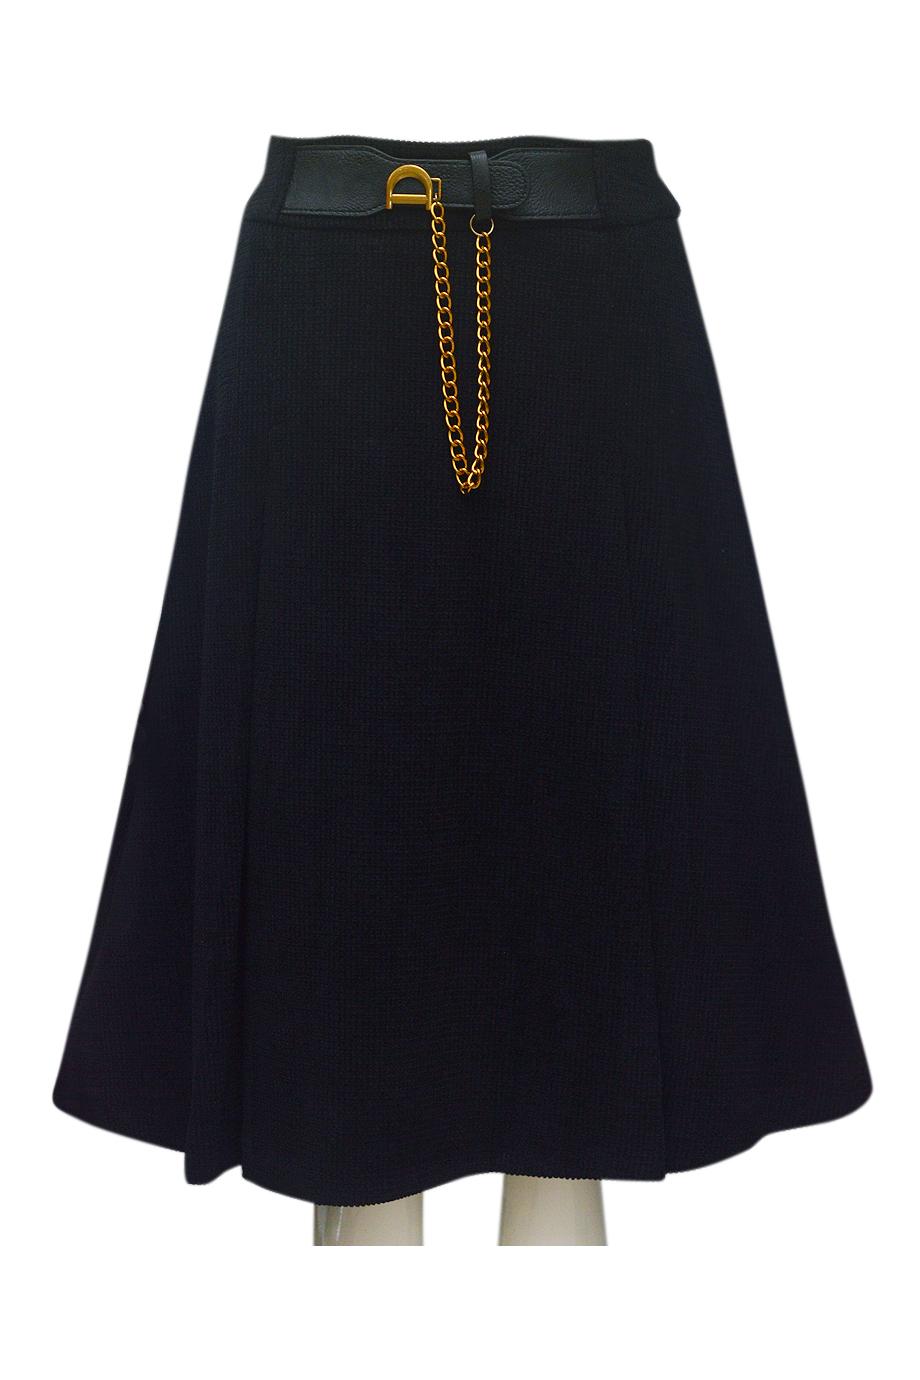 Chân váy nhung tăm ELMI thời trang cao cấp màu đen EV55